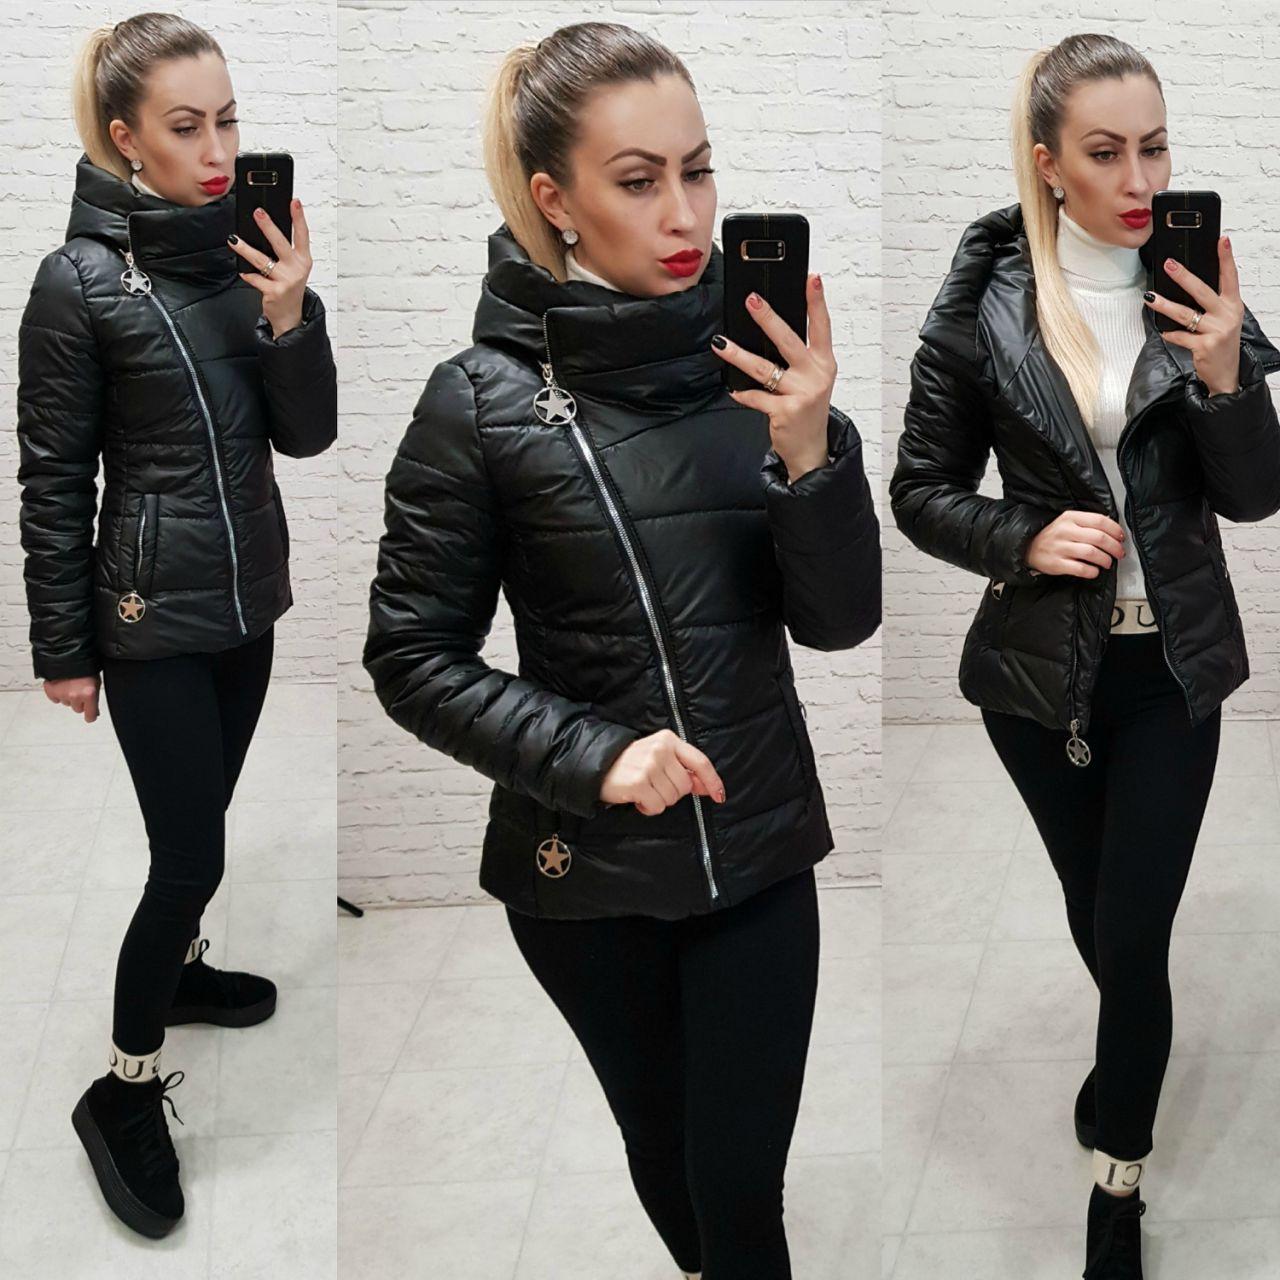 Демисезонная куртка 2019 ,арт. 501, цвет черный